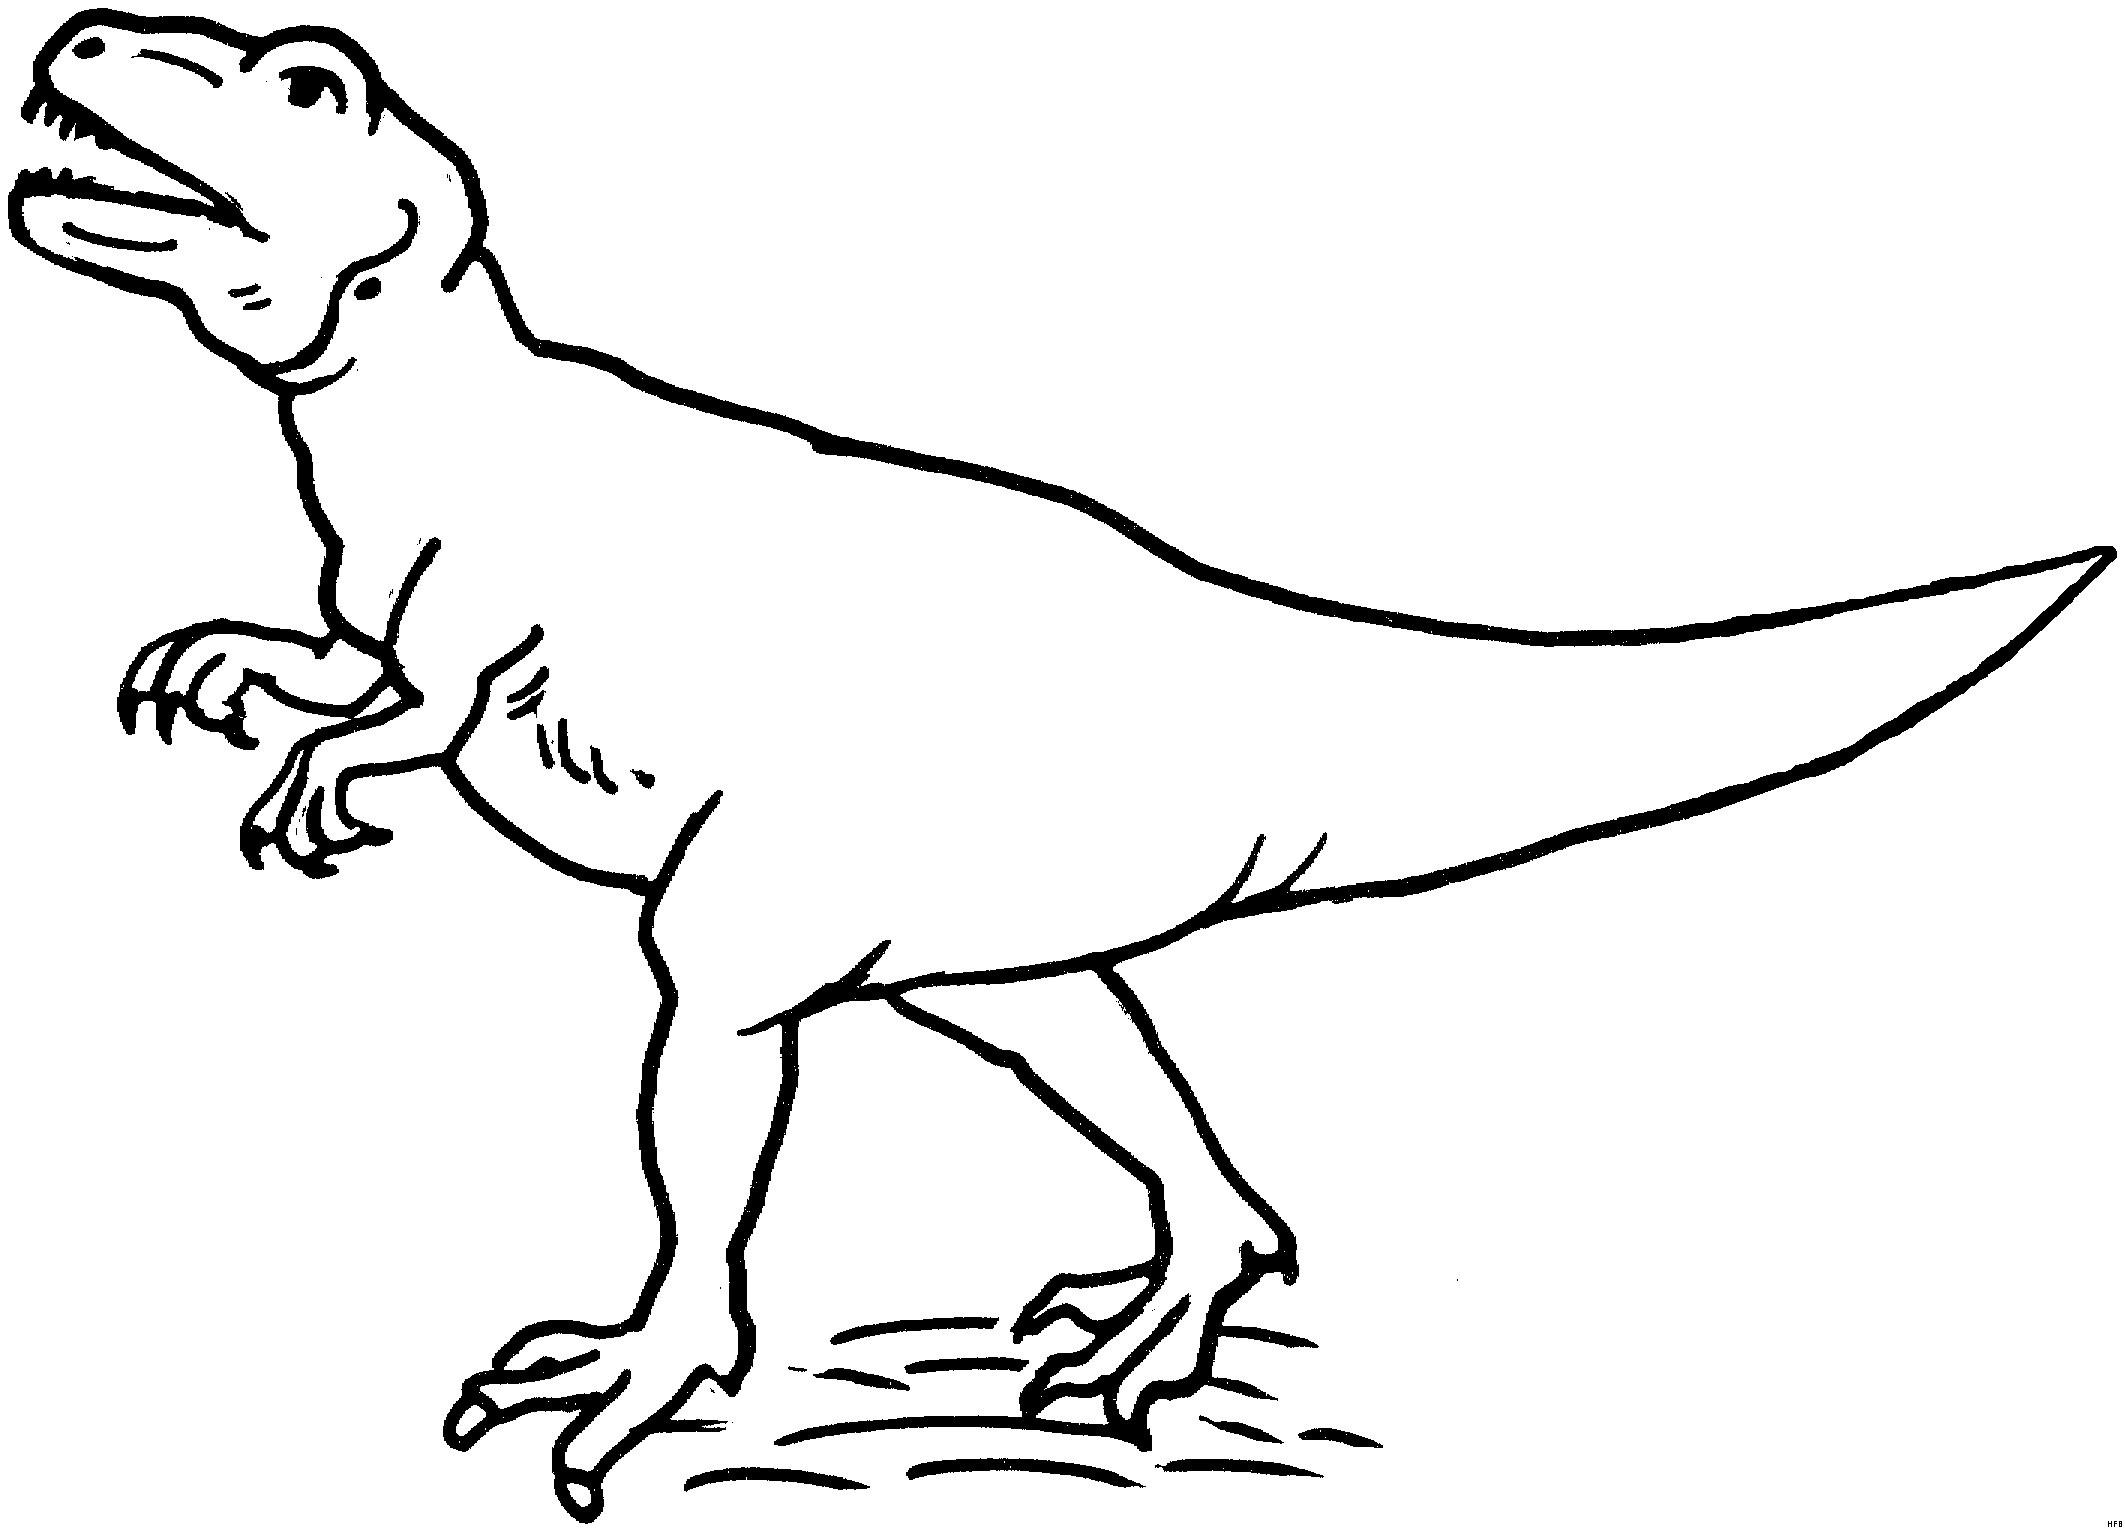 Ausmalbilder Dinosaurier Rex Genial 45 Inspirierend Ausmalbilder T Rex Beste Malvorlage Sammlung